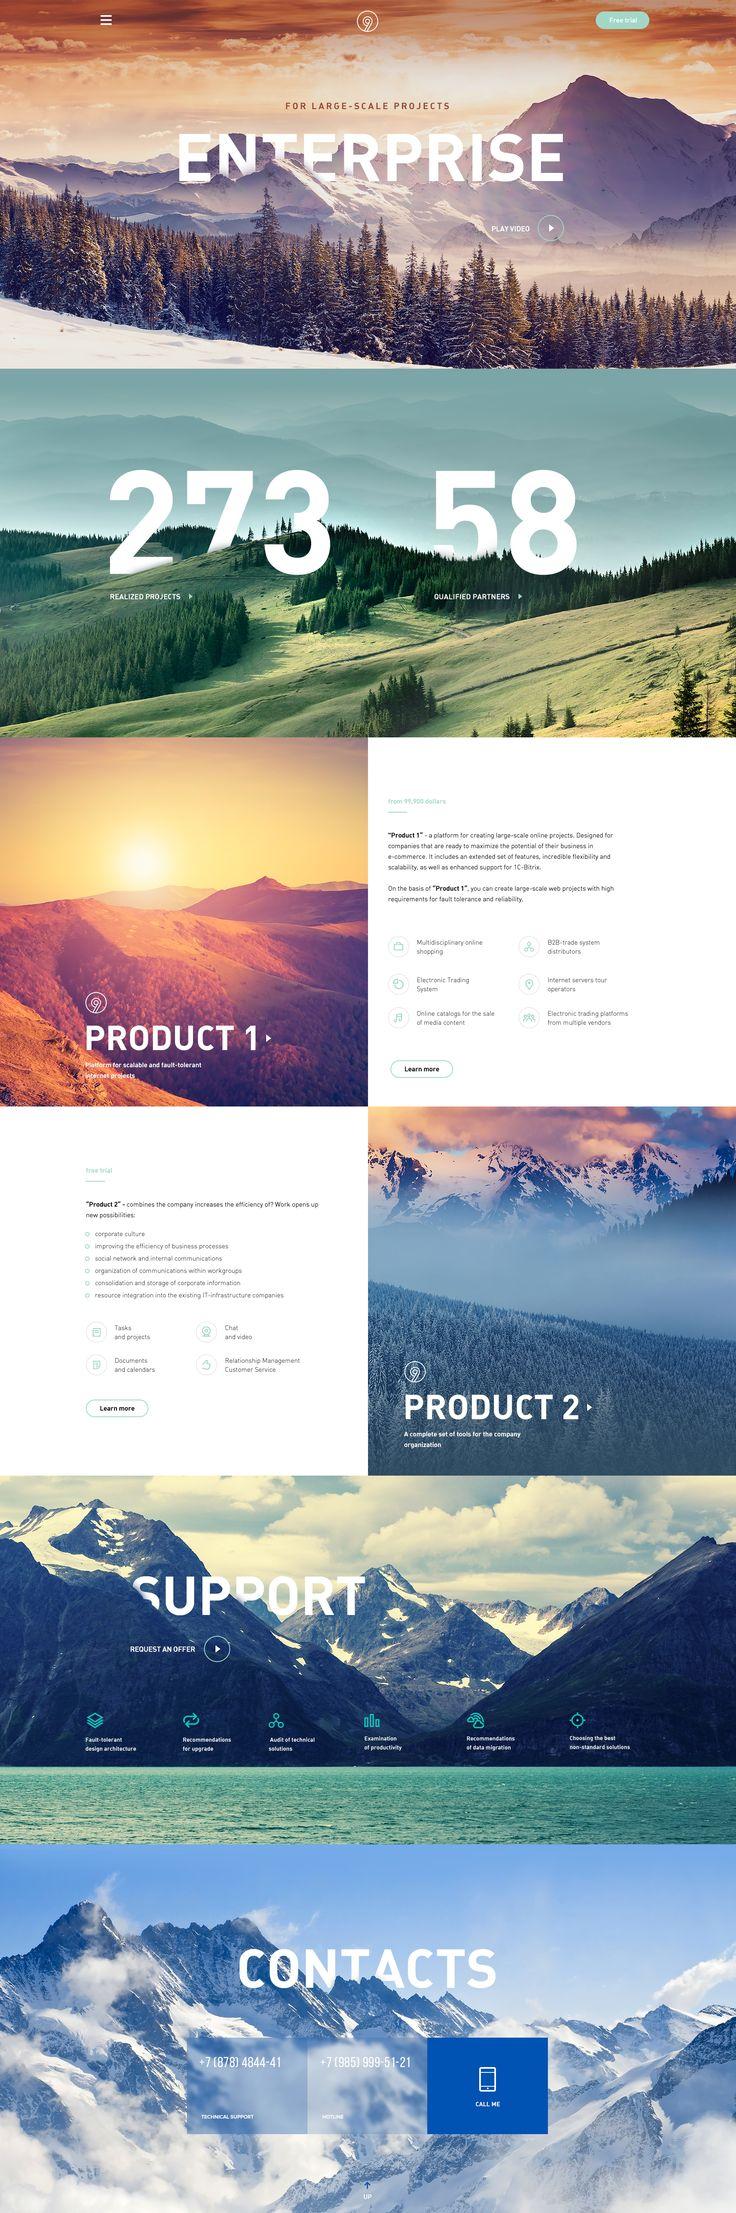 Concept of enterprise site